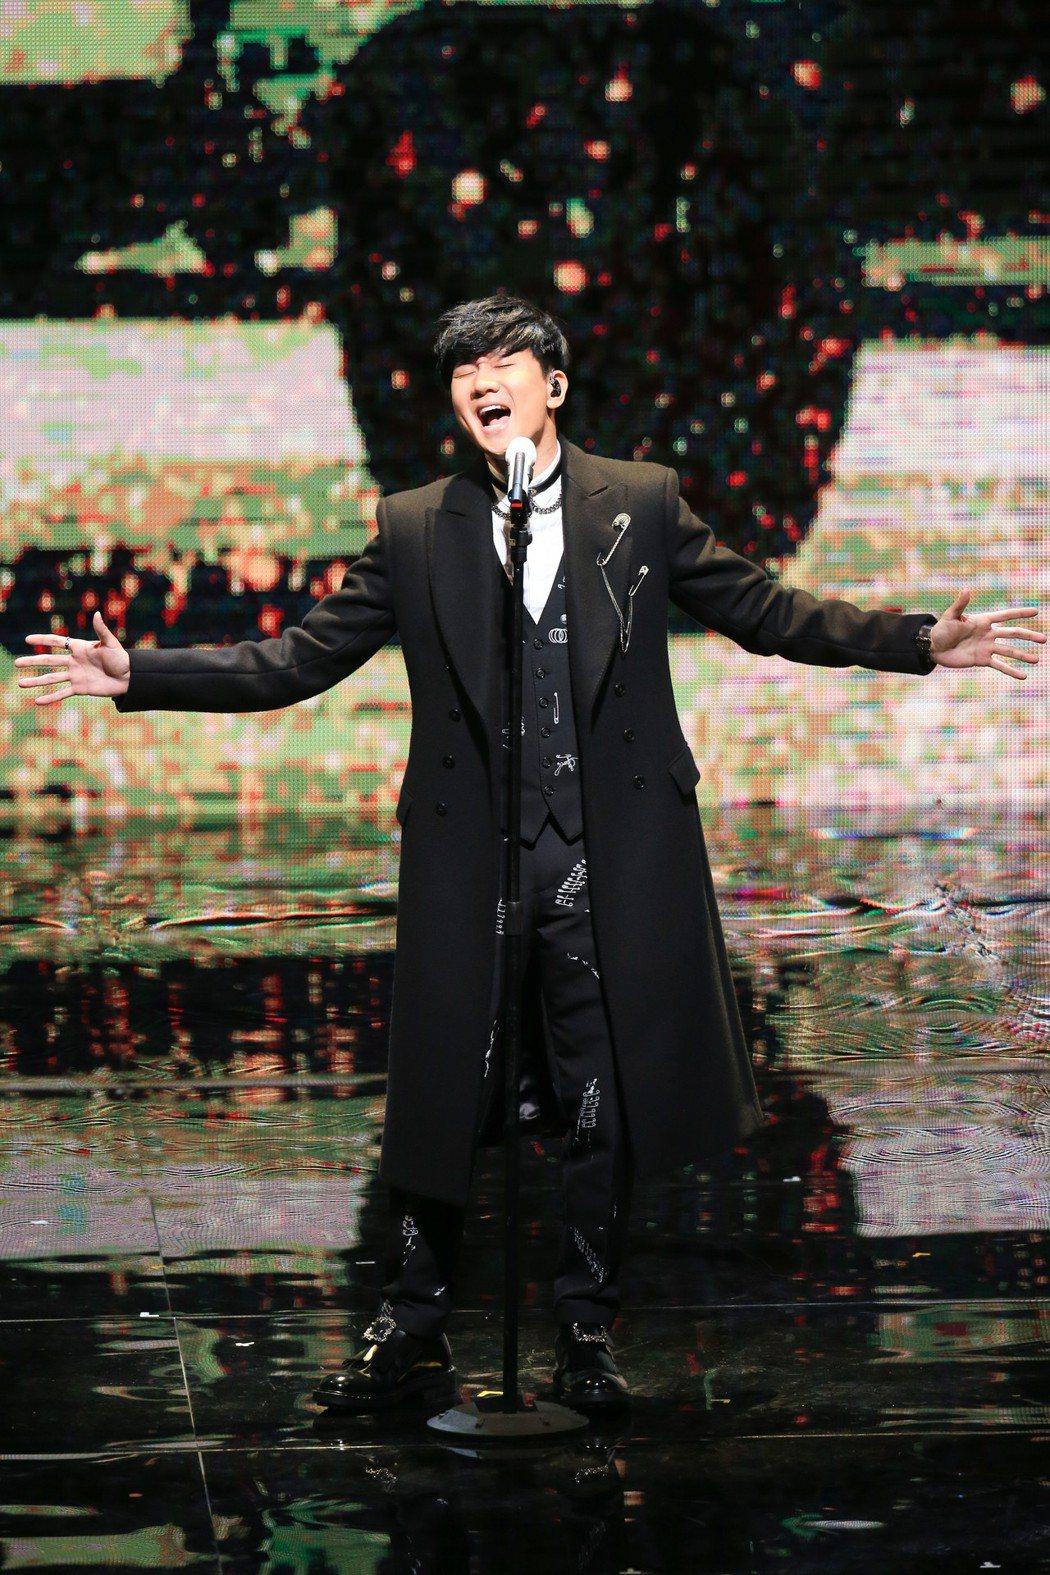 今年台灣跨年卡司冷颼颼,一線大咖全遭對岸綁走,林俊傑30日在浙江衛視錄跨年,31...